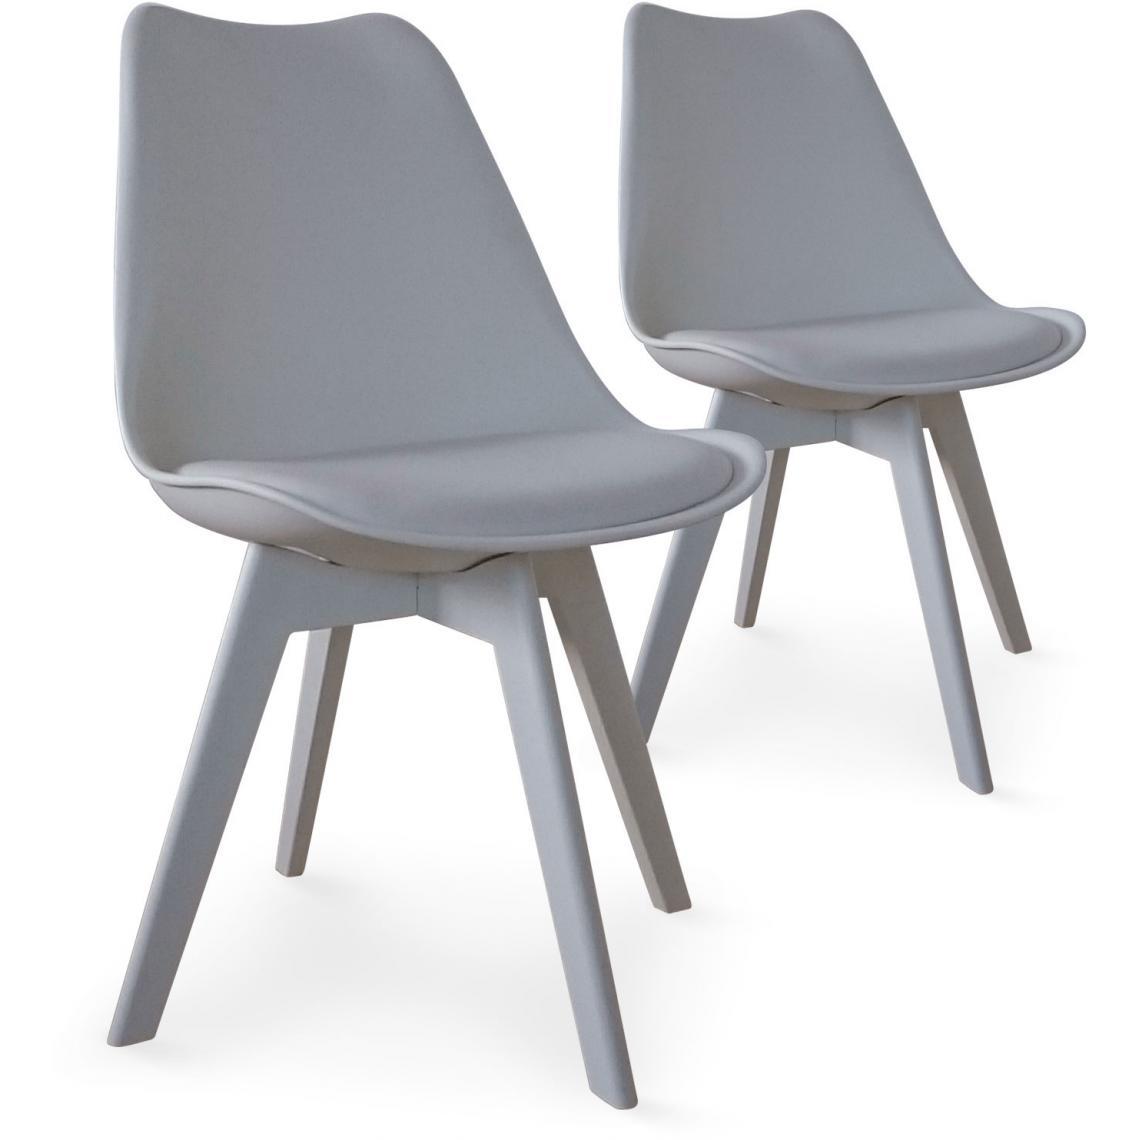 lot de 2 chaises scandinaves grises nira